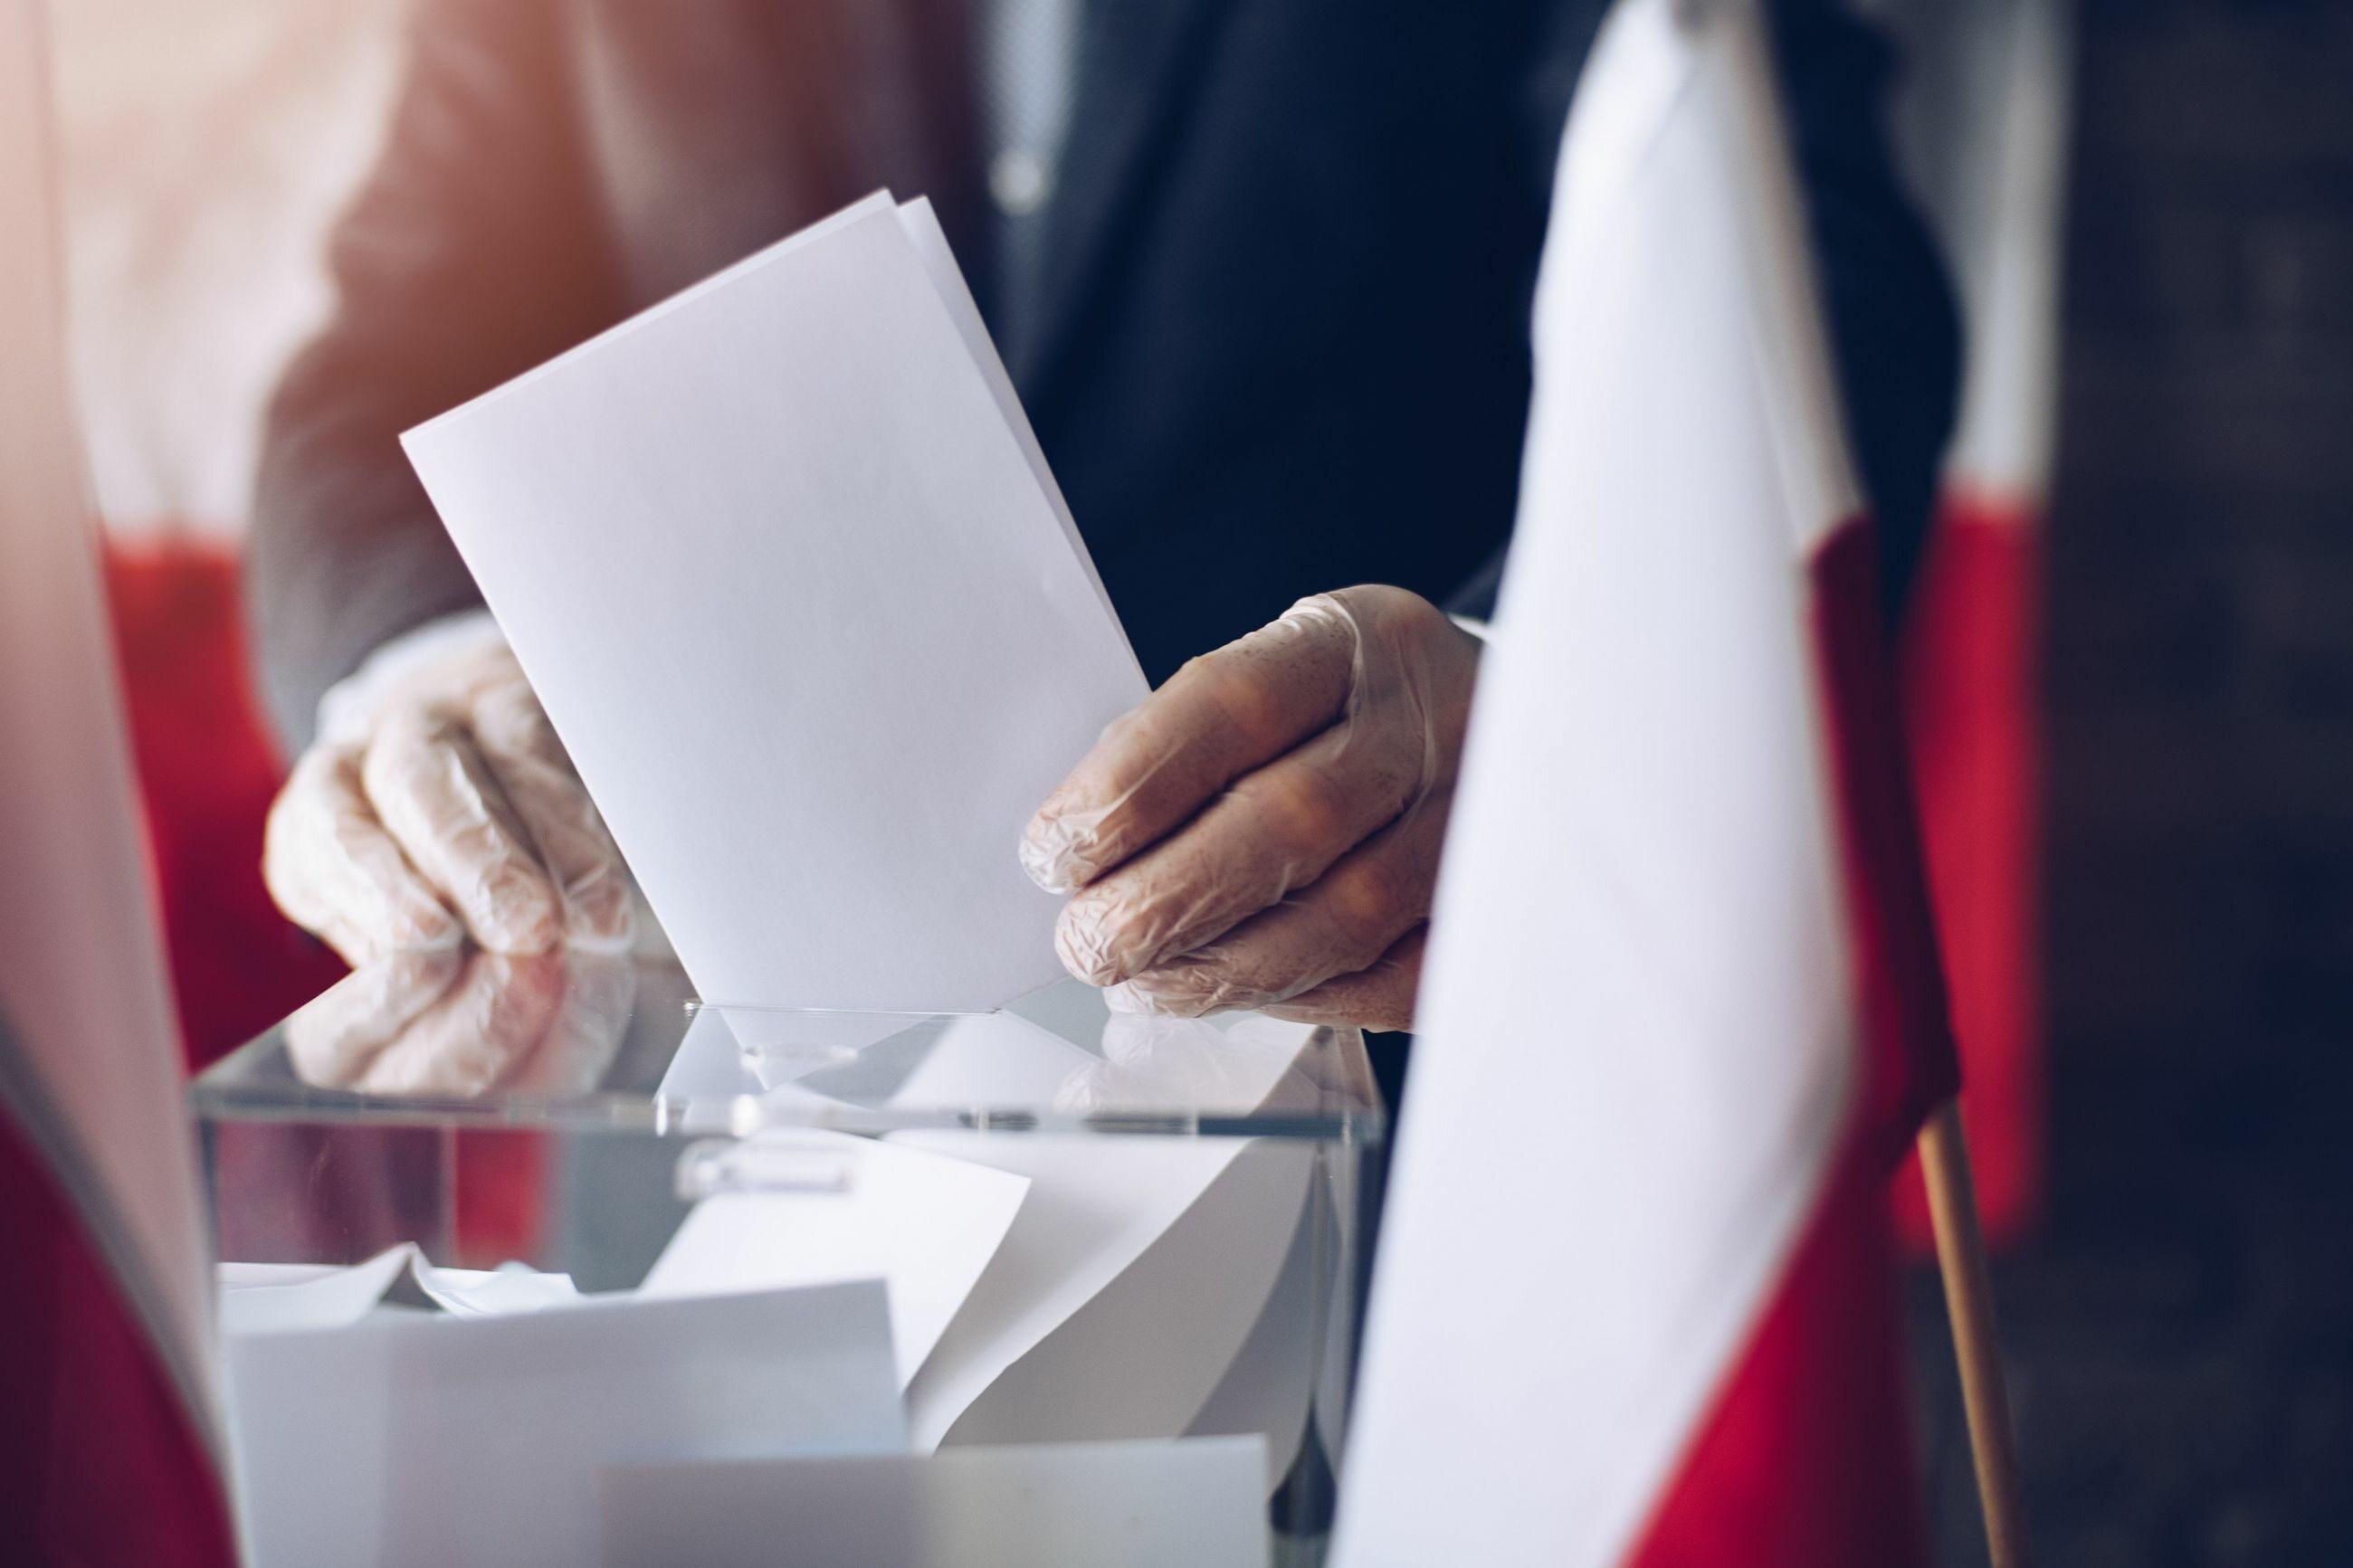 Wybory prezydenckie 2020. Do której można głosować? Lokale wyborcze: godziny otwarcia